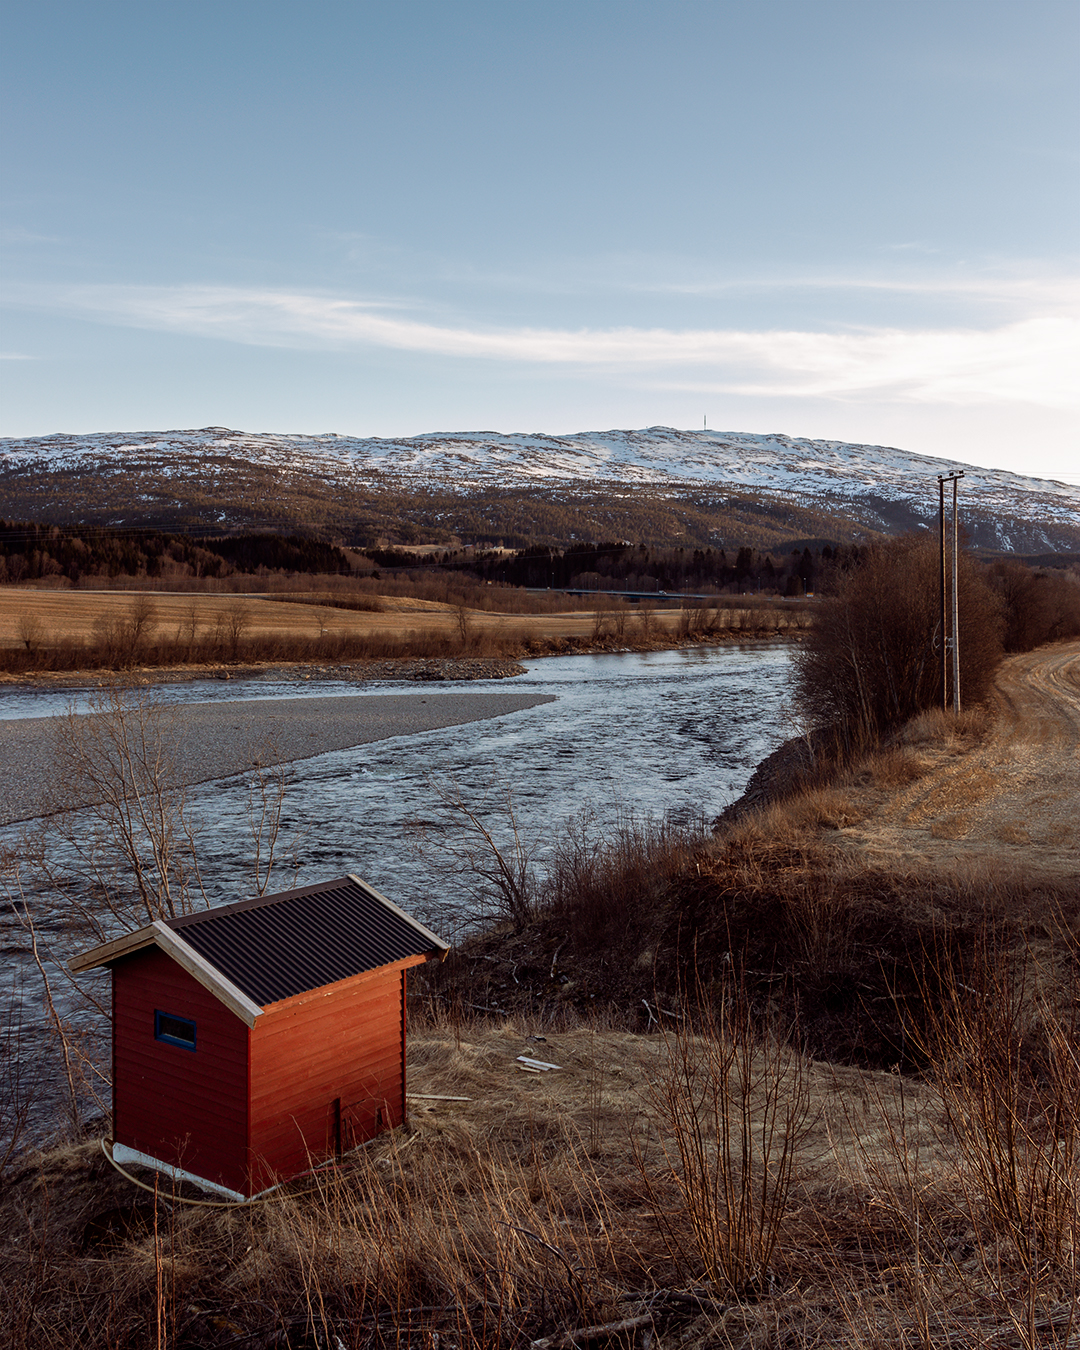 Rødt hus ved en elv med fjell i bakgrunne,. landskap på en klar dag. solnedgang. rødt blått. jorder og gård-